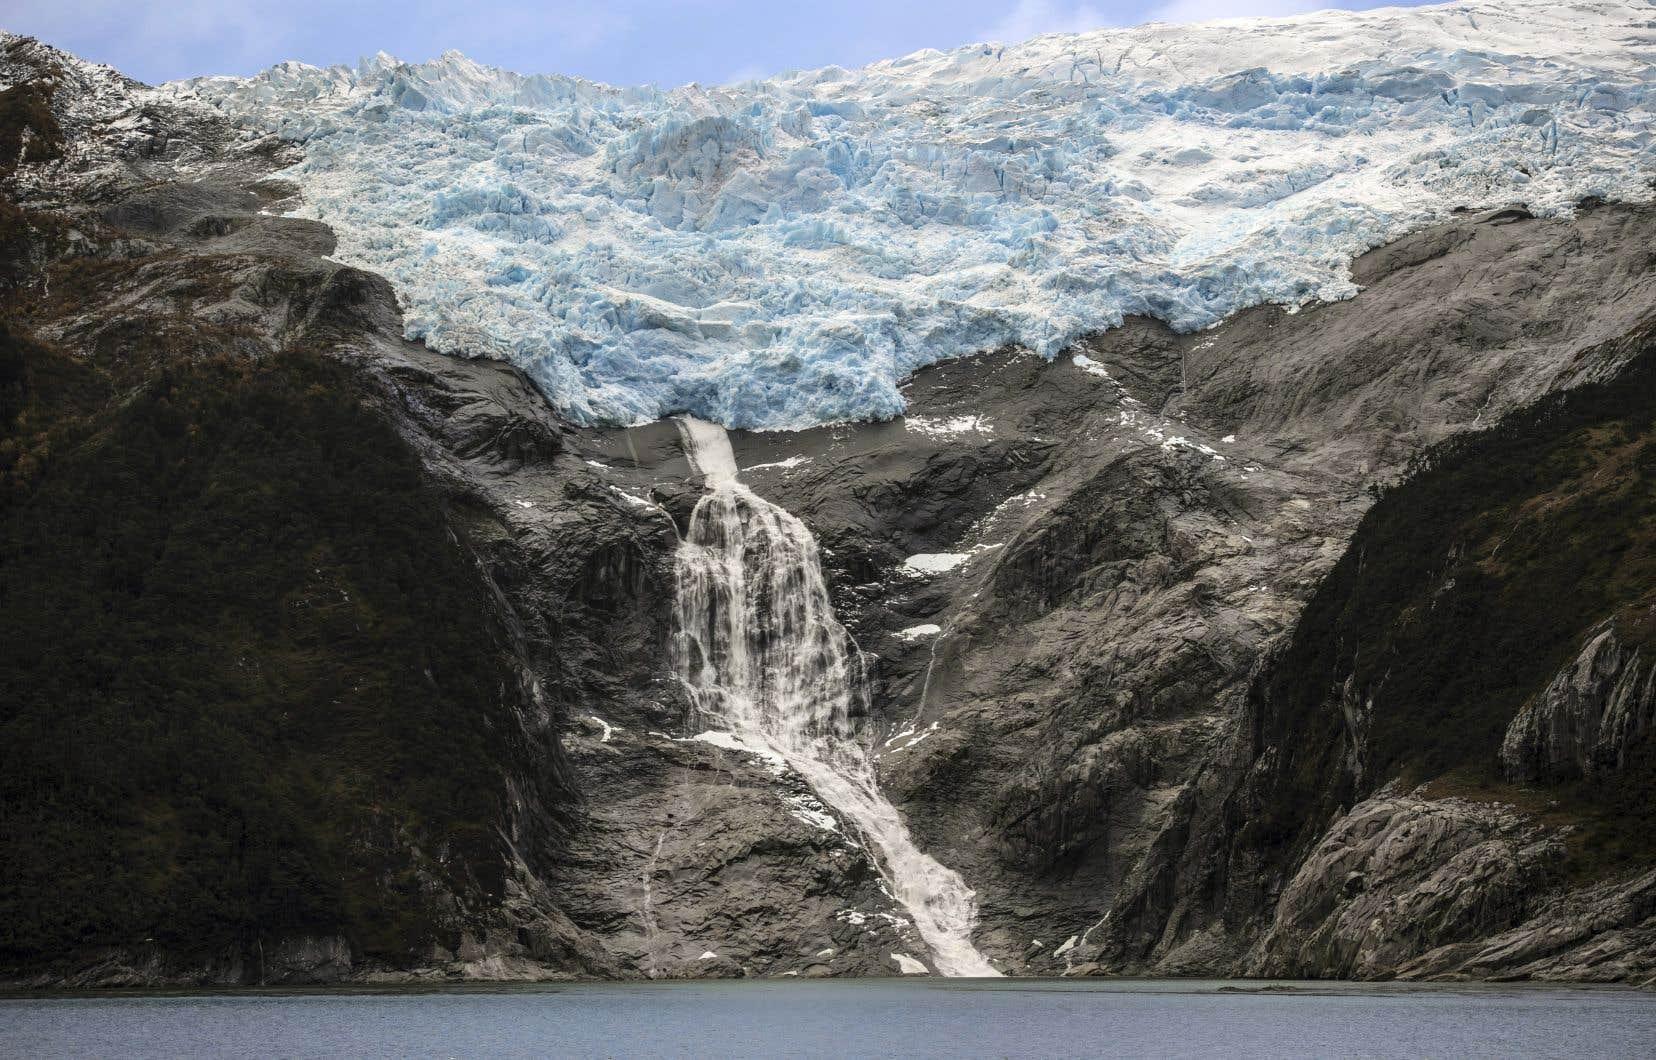 L'activité minière pourrait représenter une menace pour les 24114 glaciers que compte le Chili.